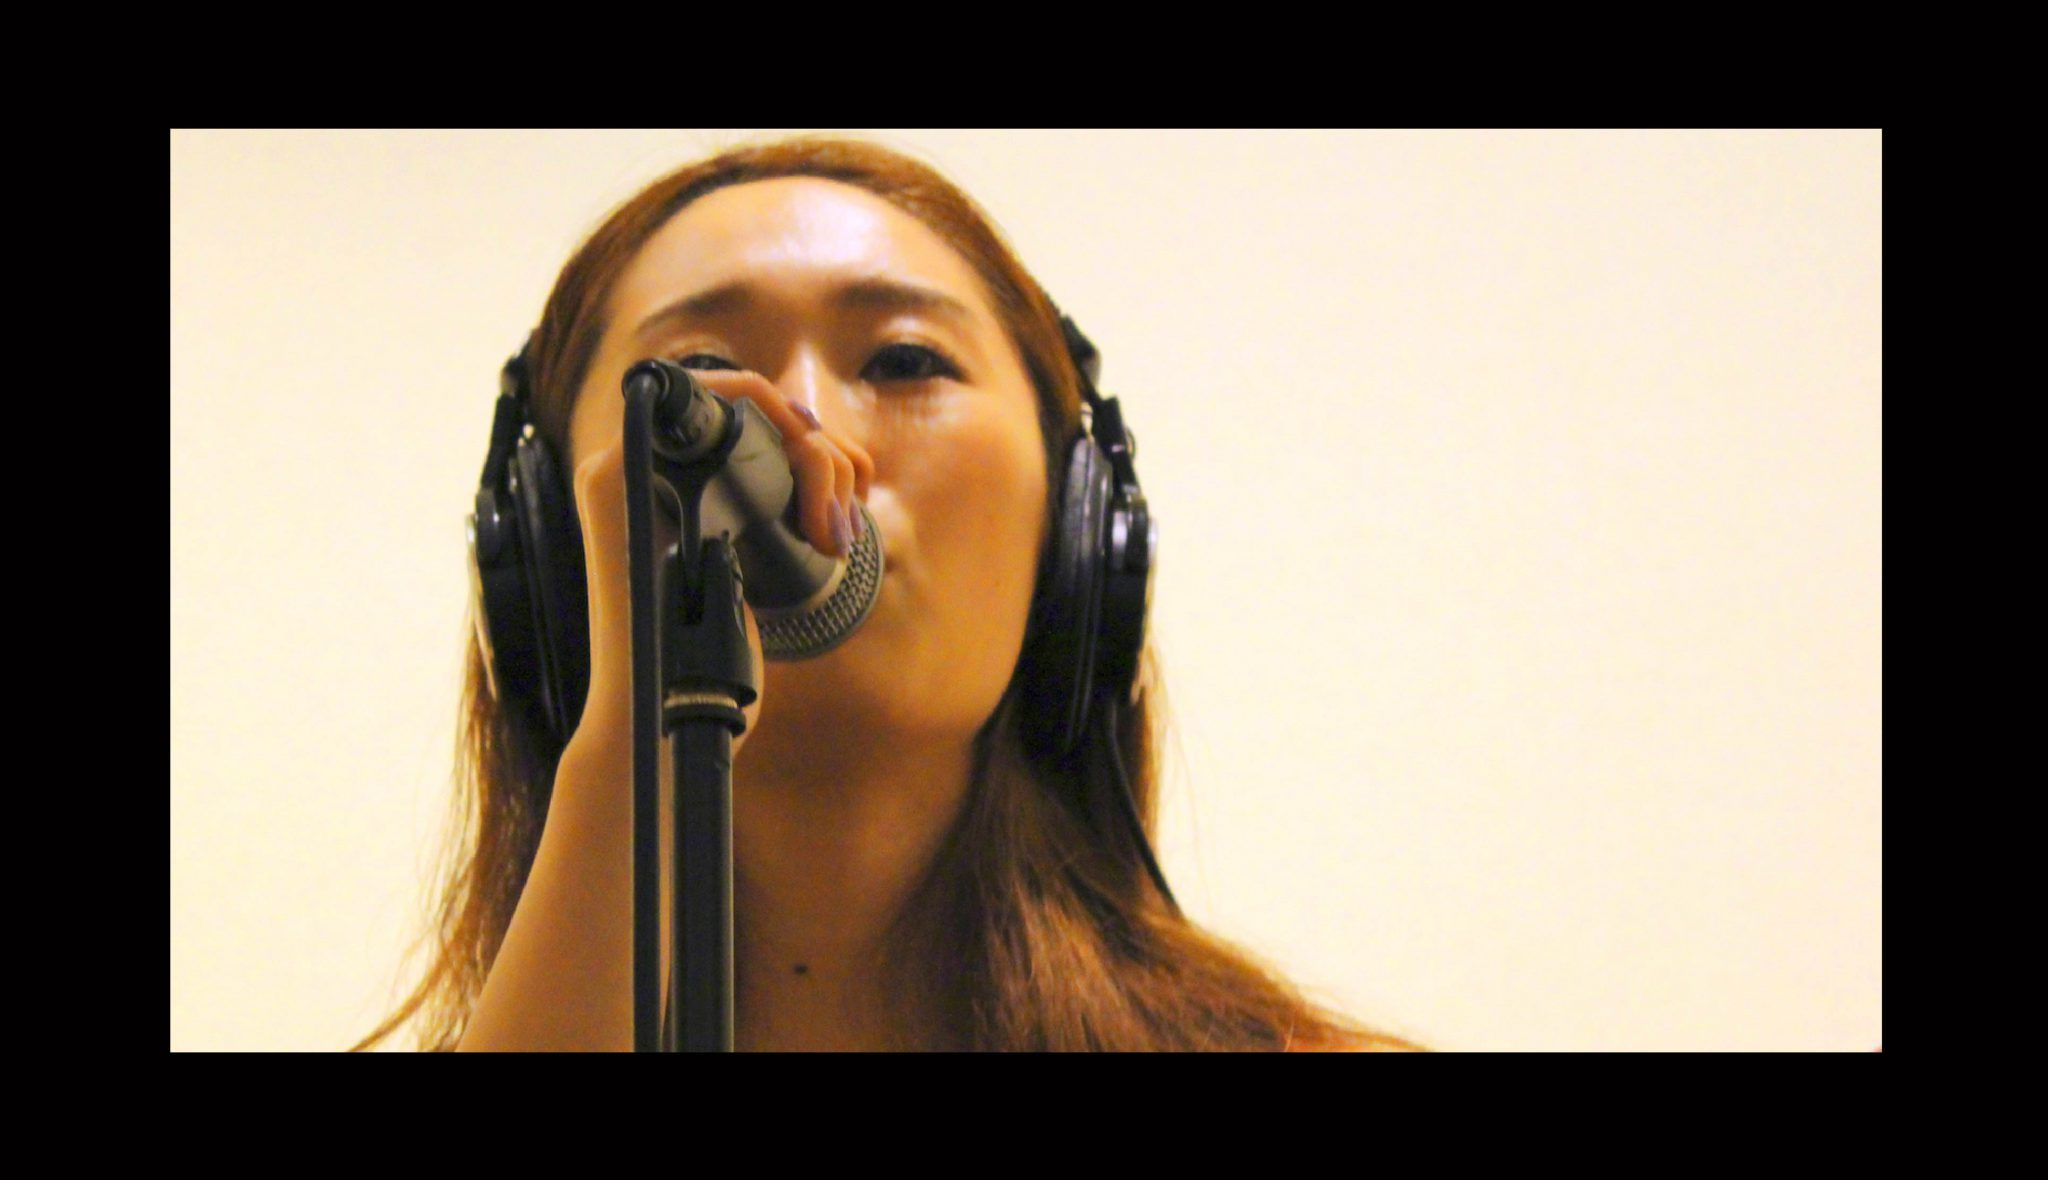 東京のボイストレーニングスクールM&N Bit Of Sound女性シンガー